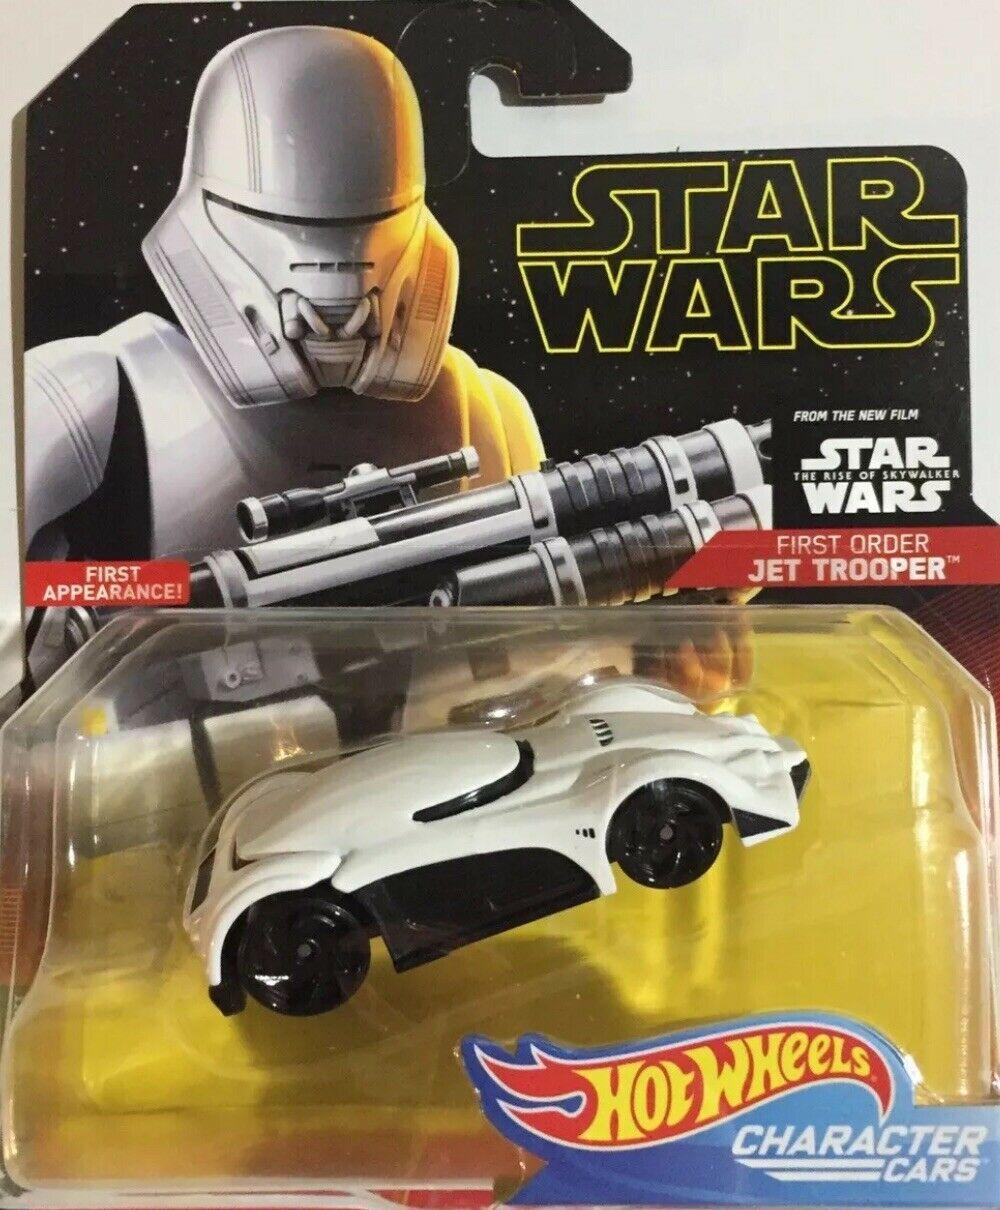 First Order Jet Trooper